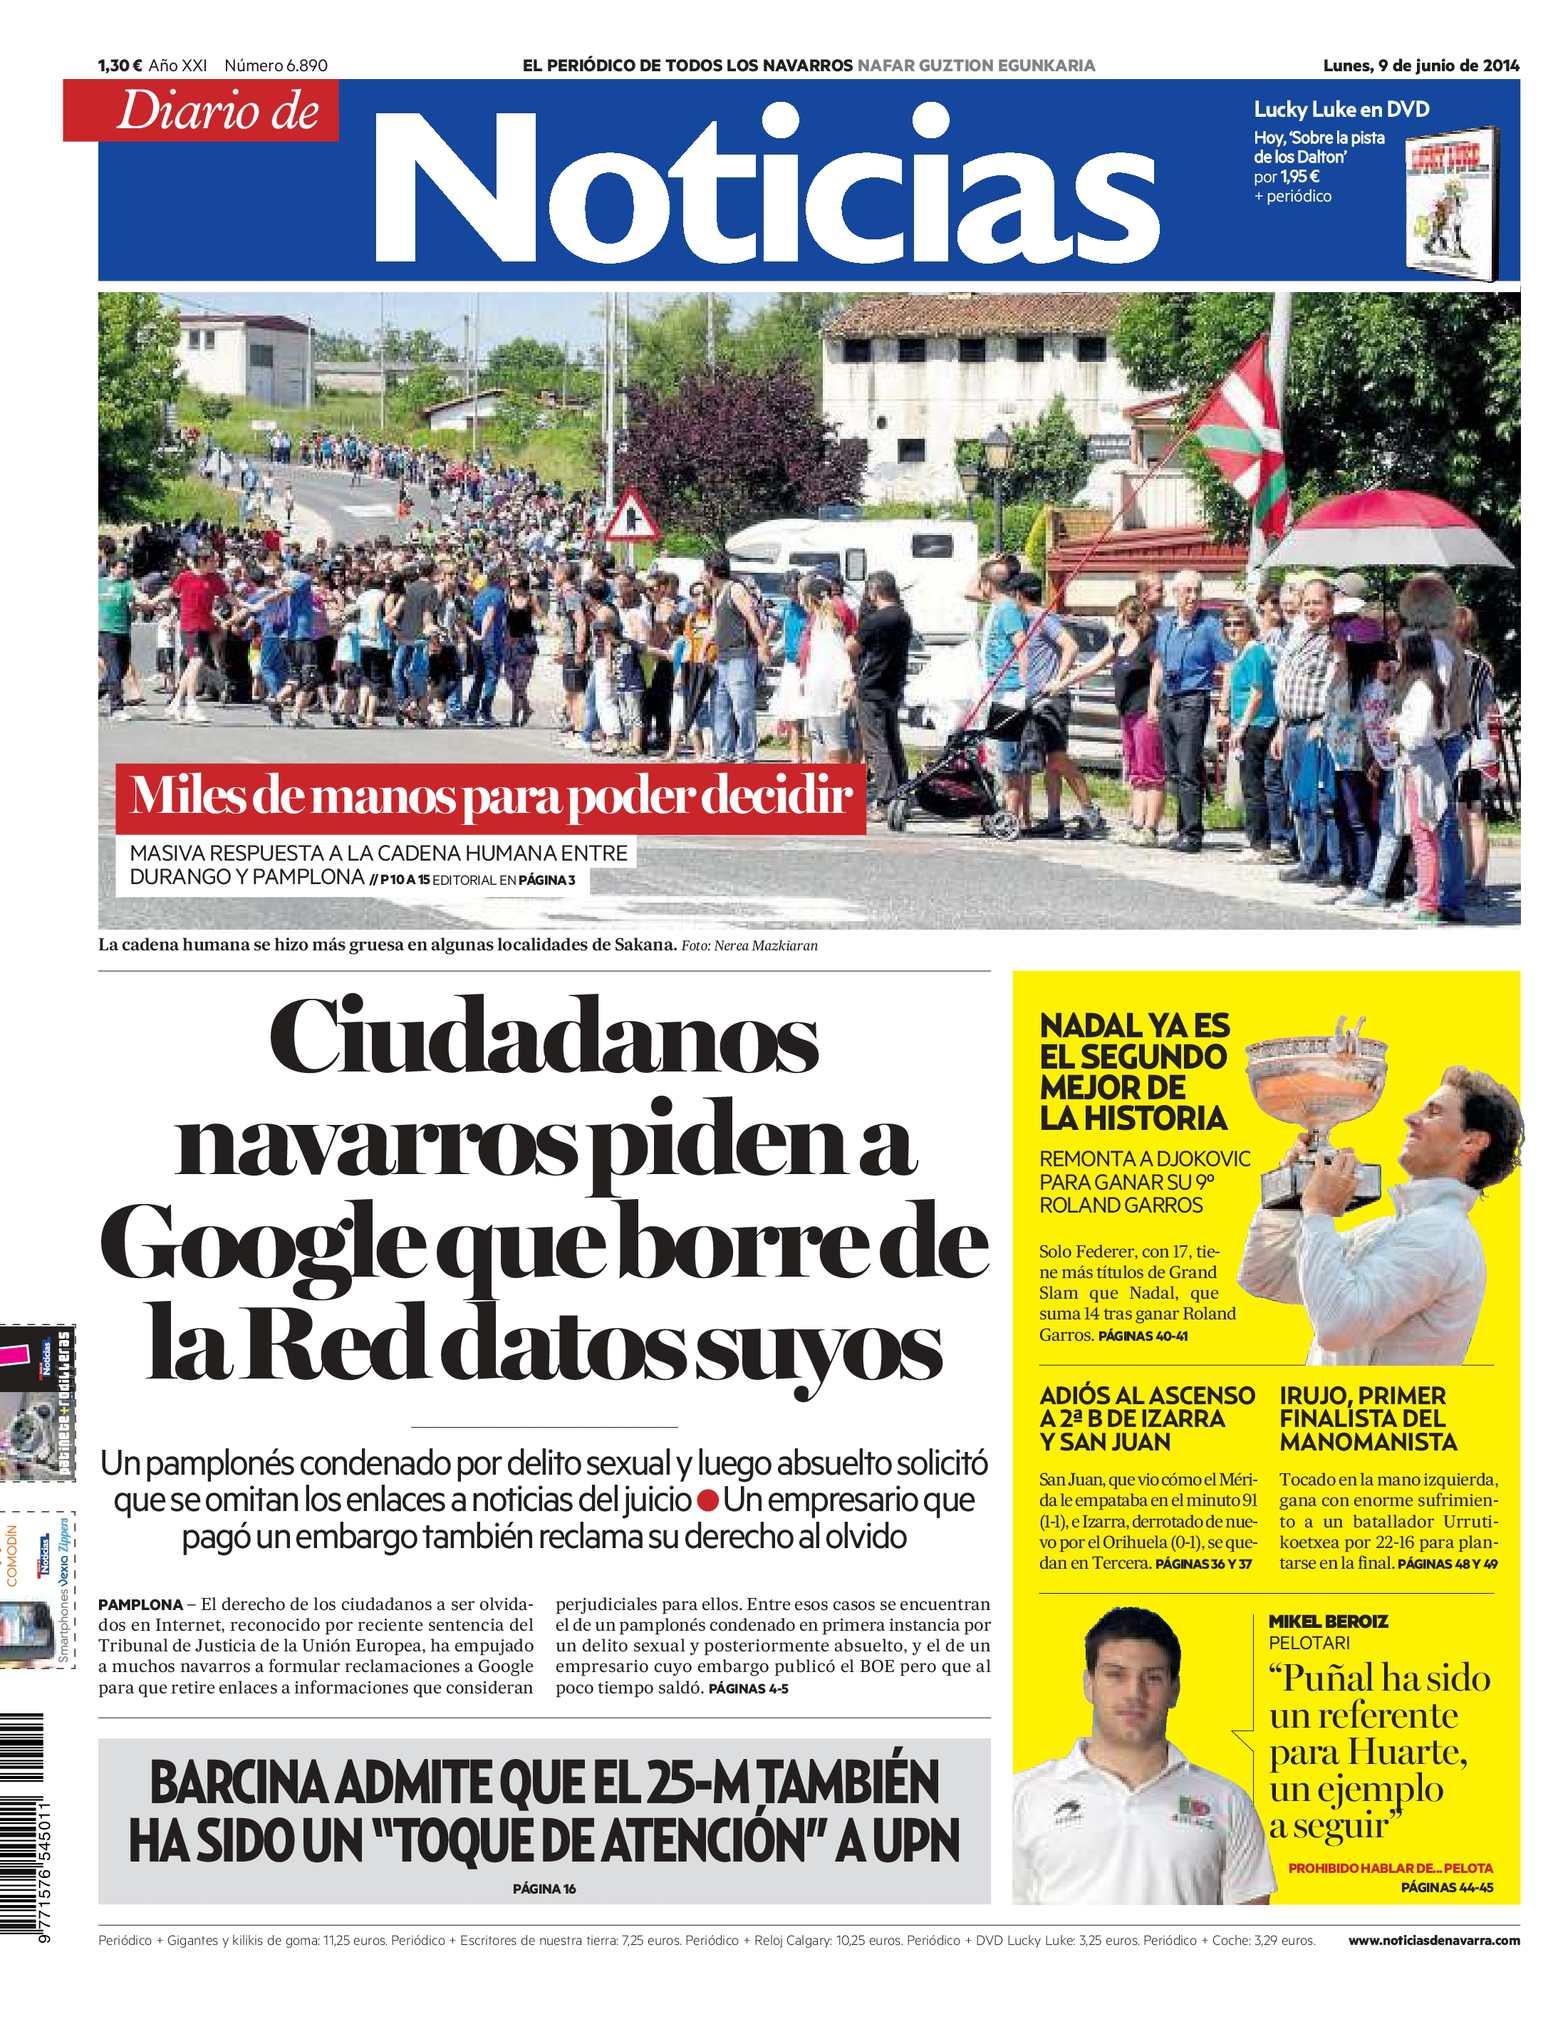 Calaméo - Diario de Noticias 20140609